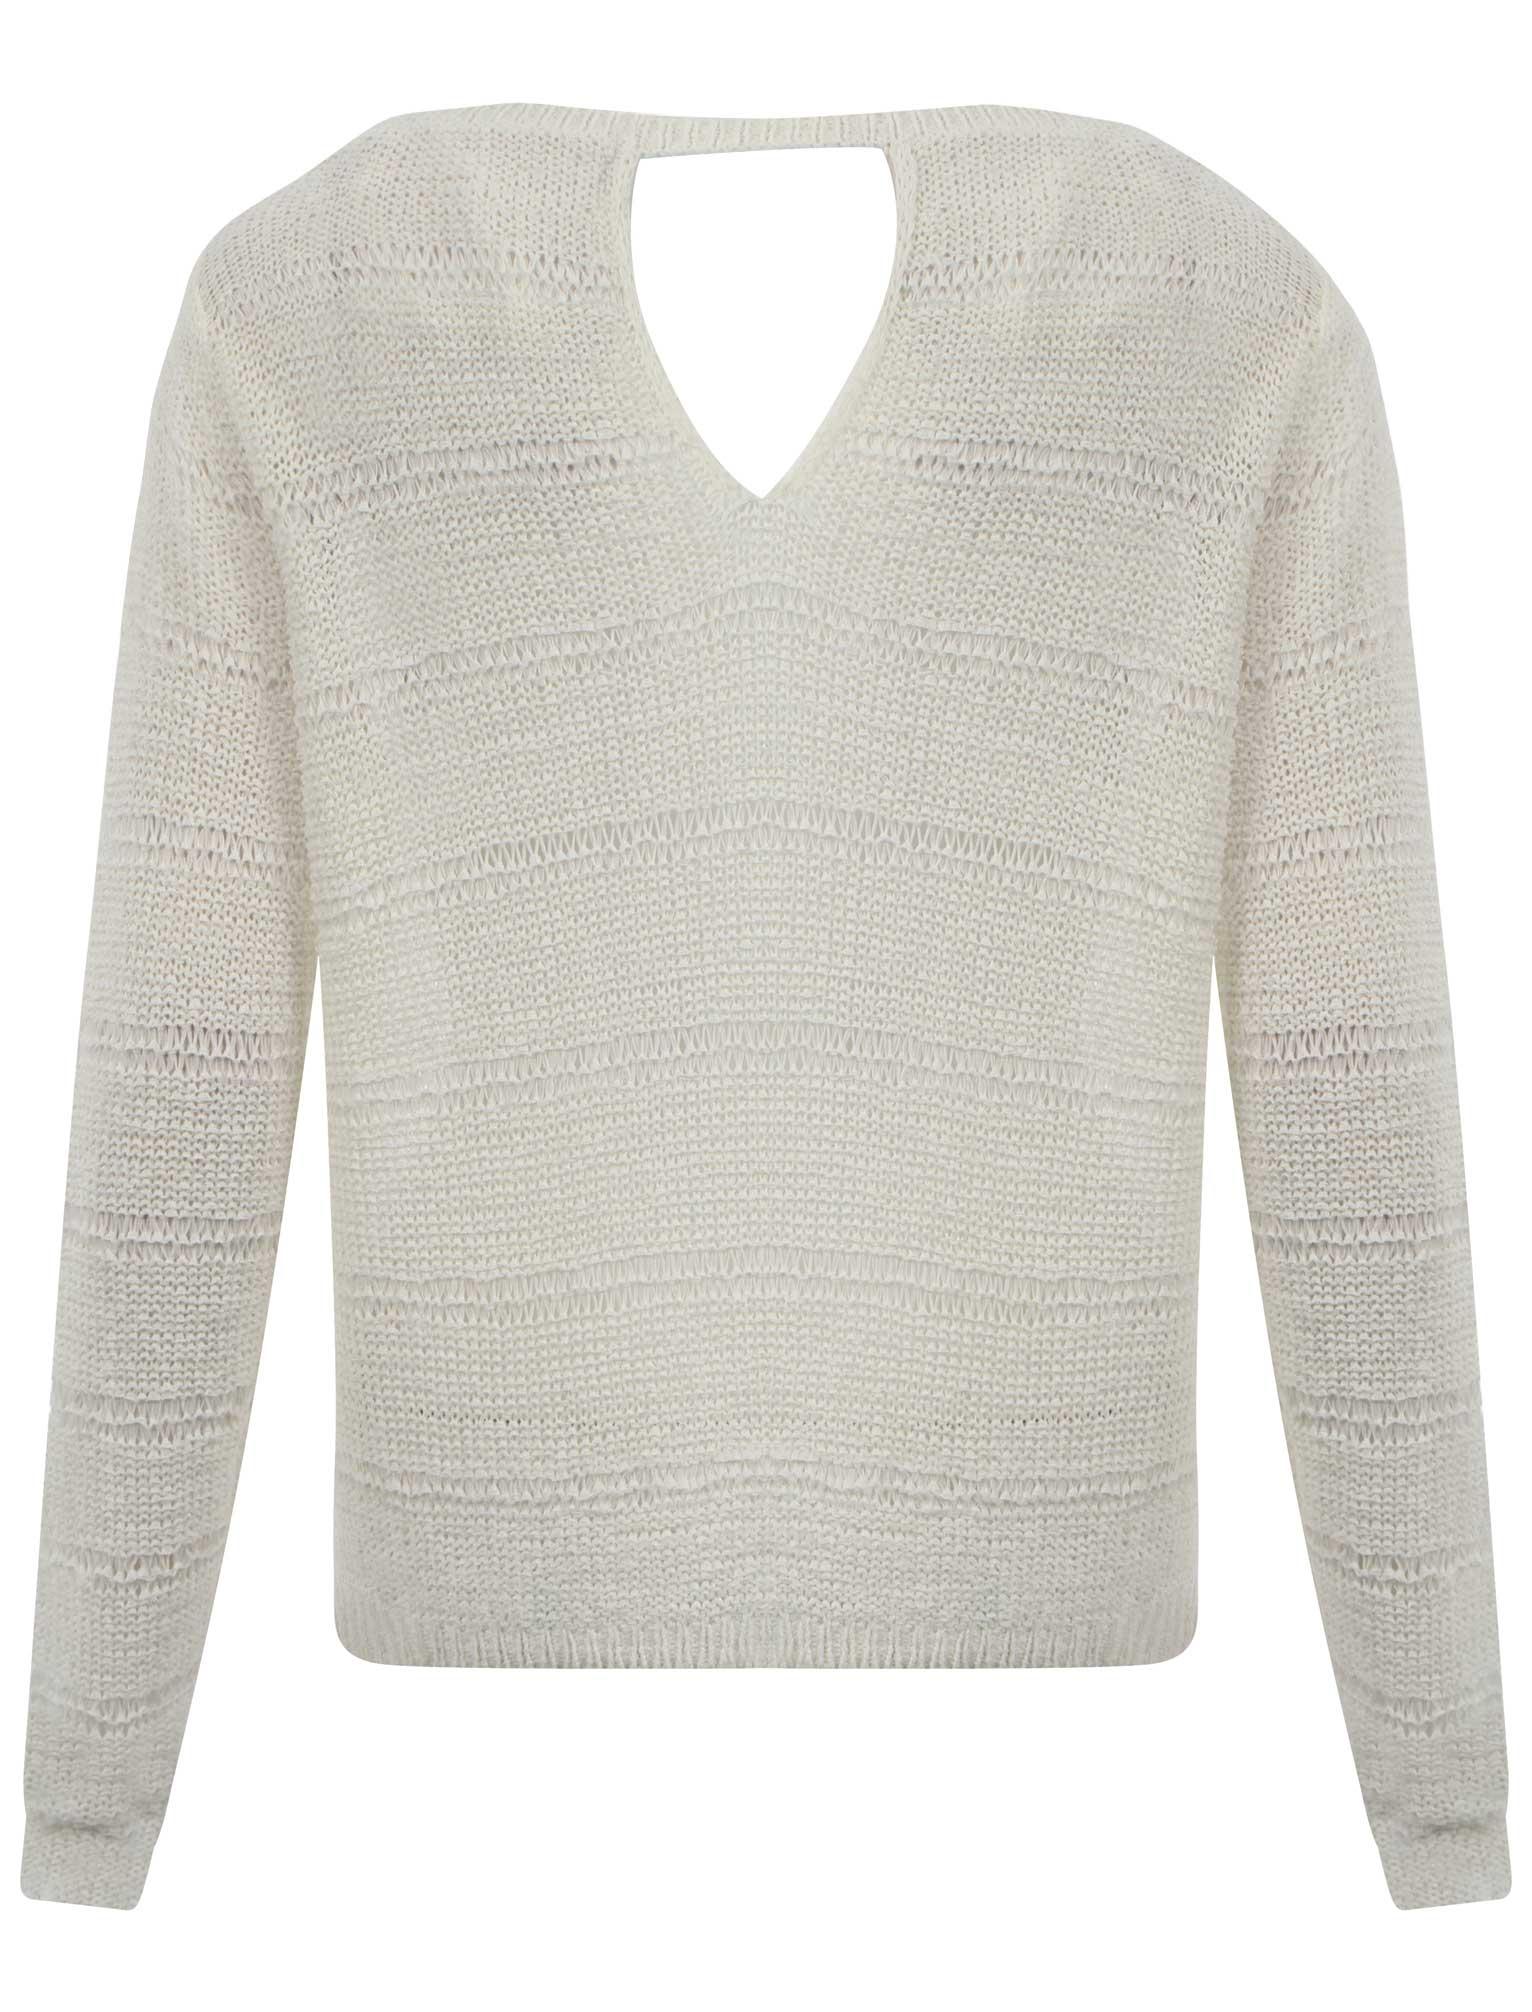 Da Donna Amara Reya Donna BUCO DELLA SERRATURA con trama in maglia a manica lunga maglione Top Taglia 8-16